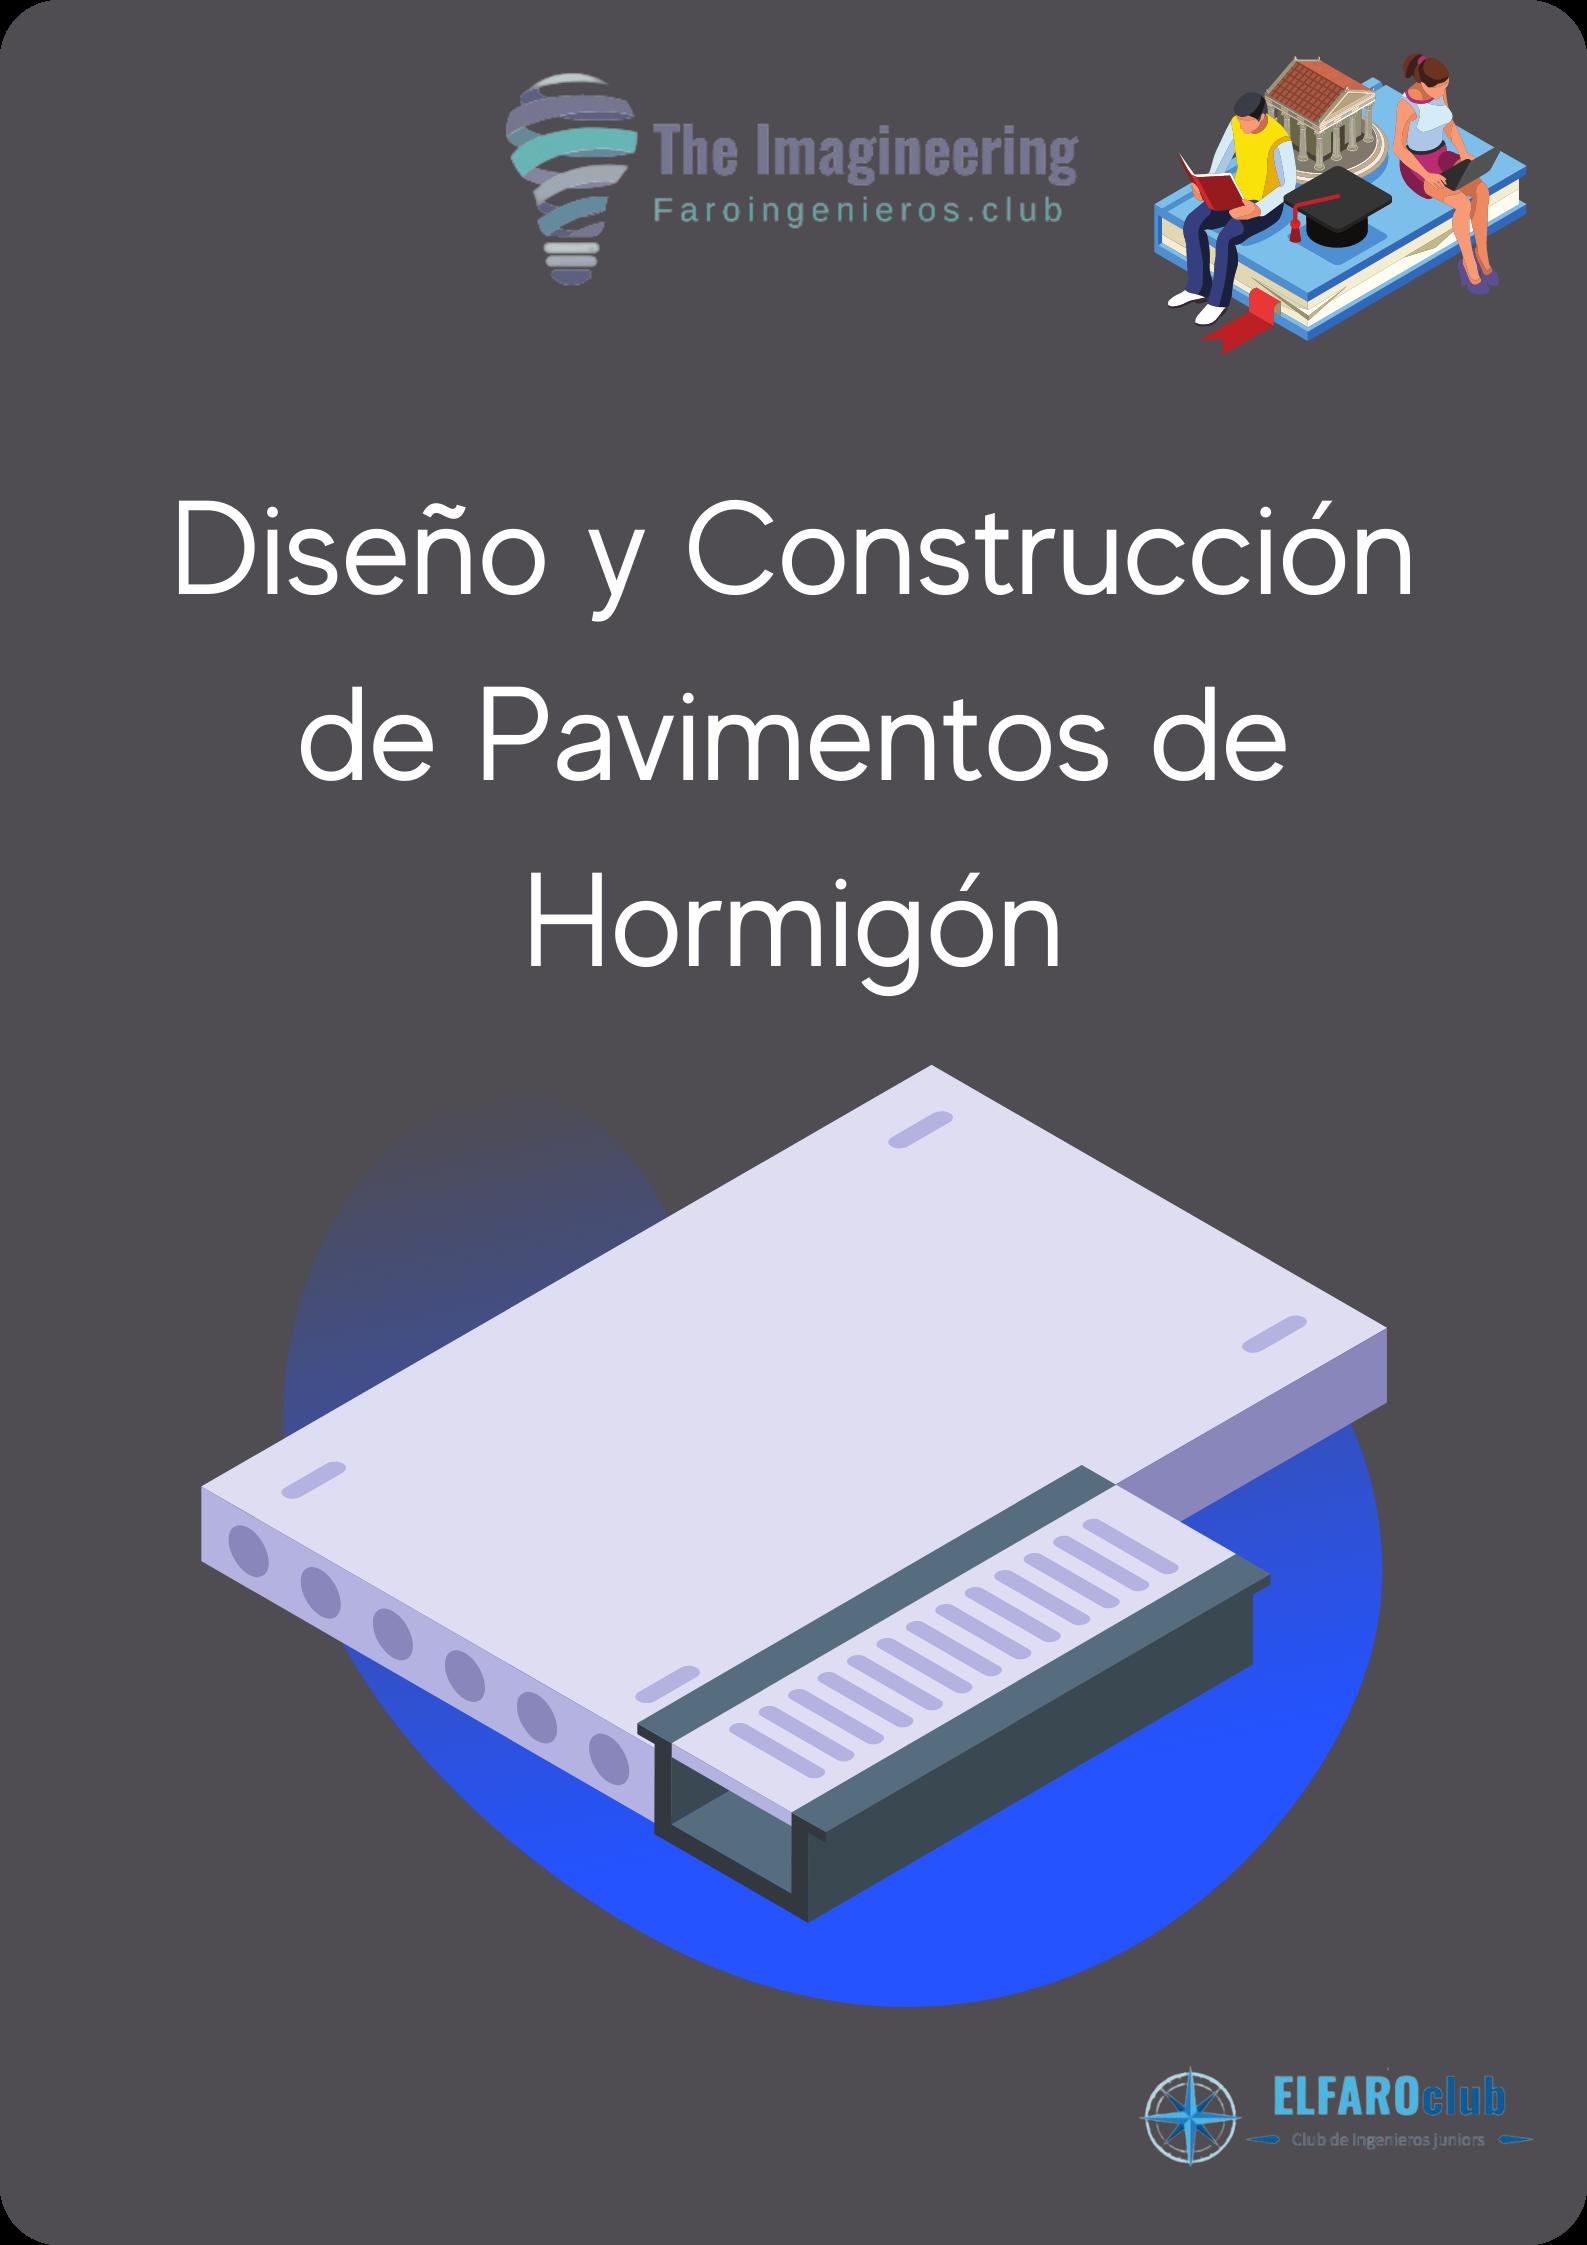 diseño y construccion de pavimentos